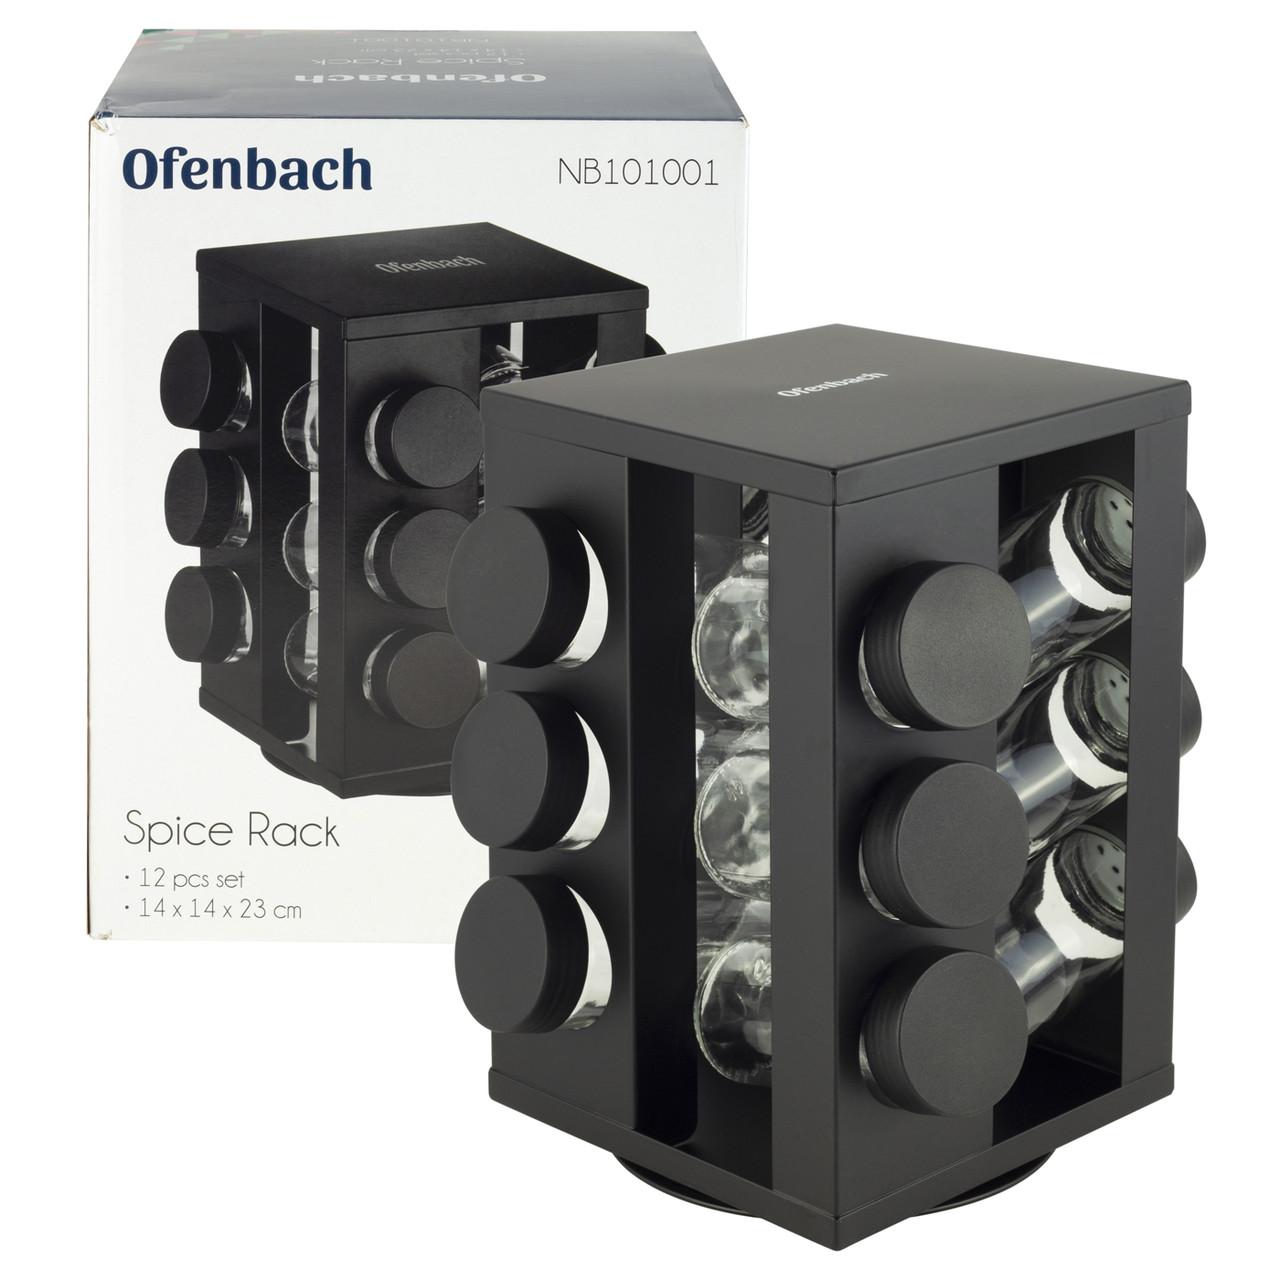 Набор ёмкостей черная для специй на подставке для сервировки стола Ofenbach KM 101001 (12шт)